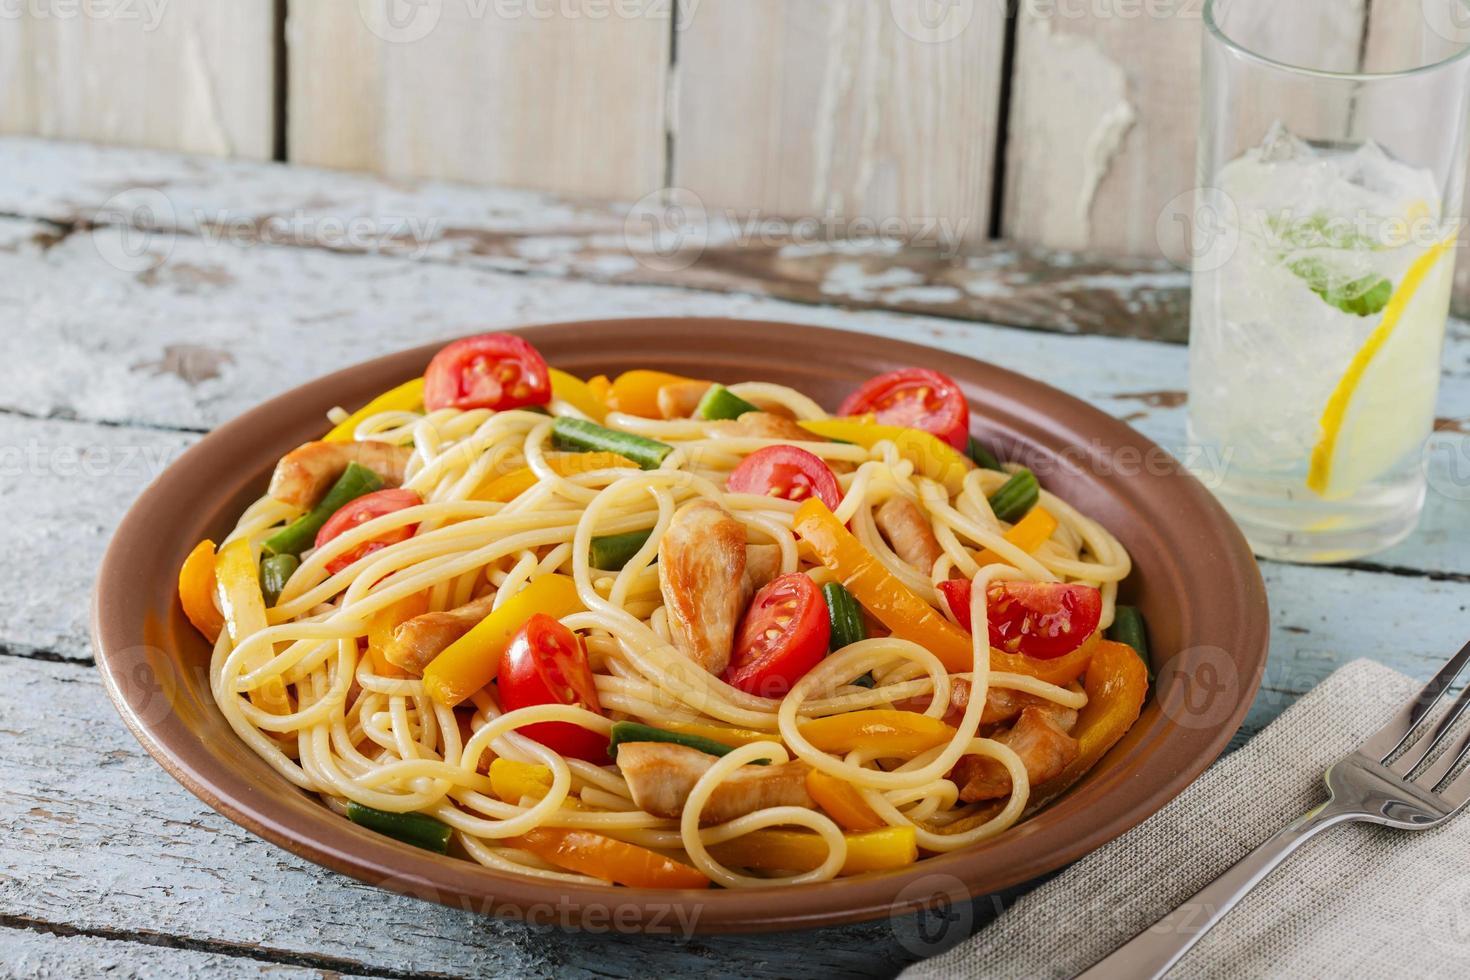 espaguete com frango filé de pimenta e tomate foto